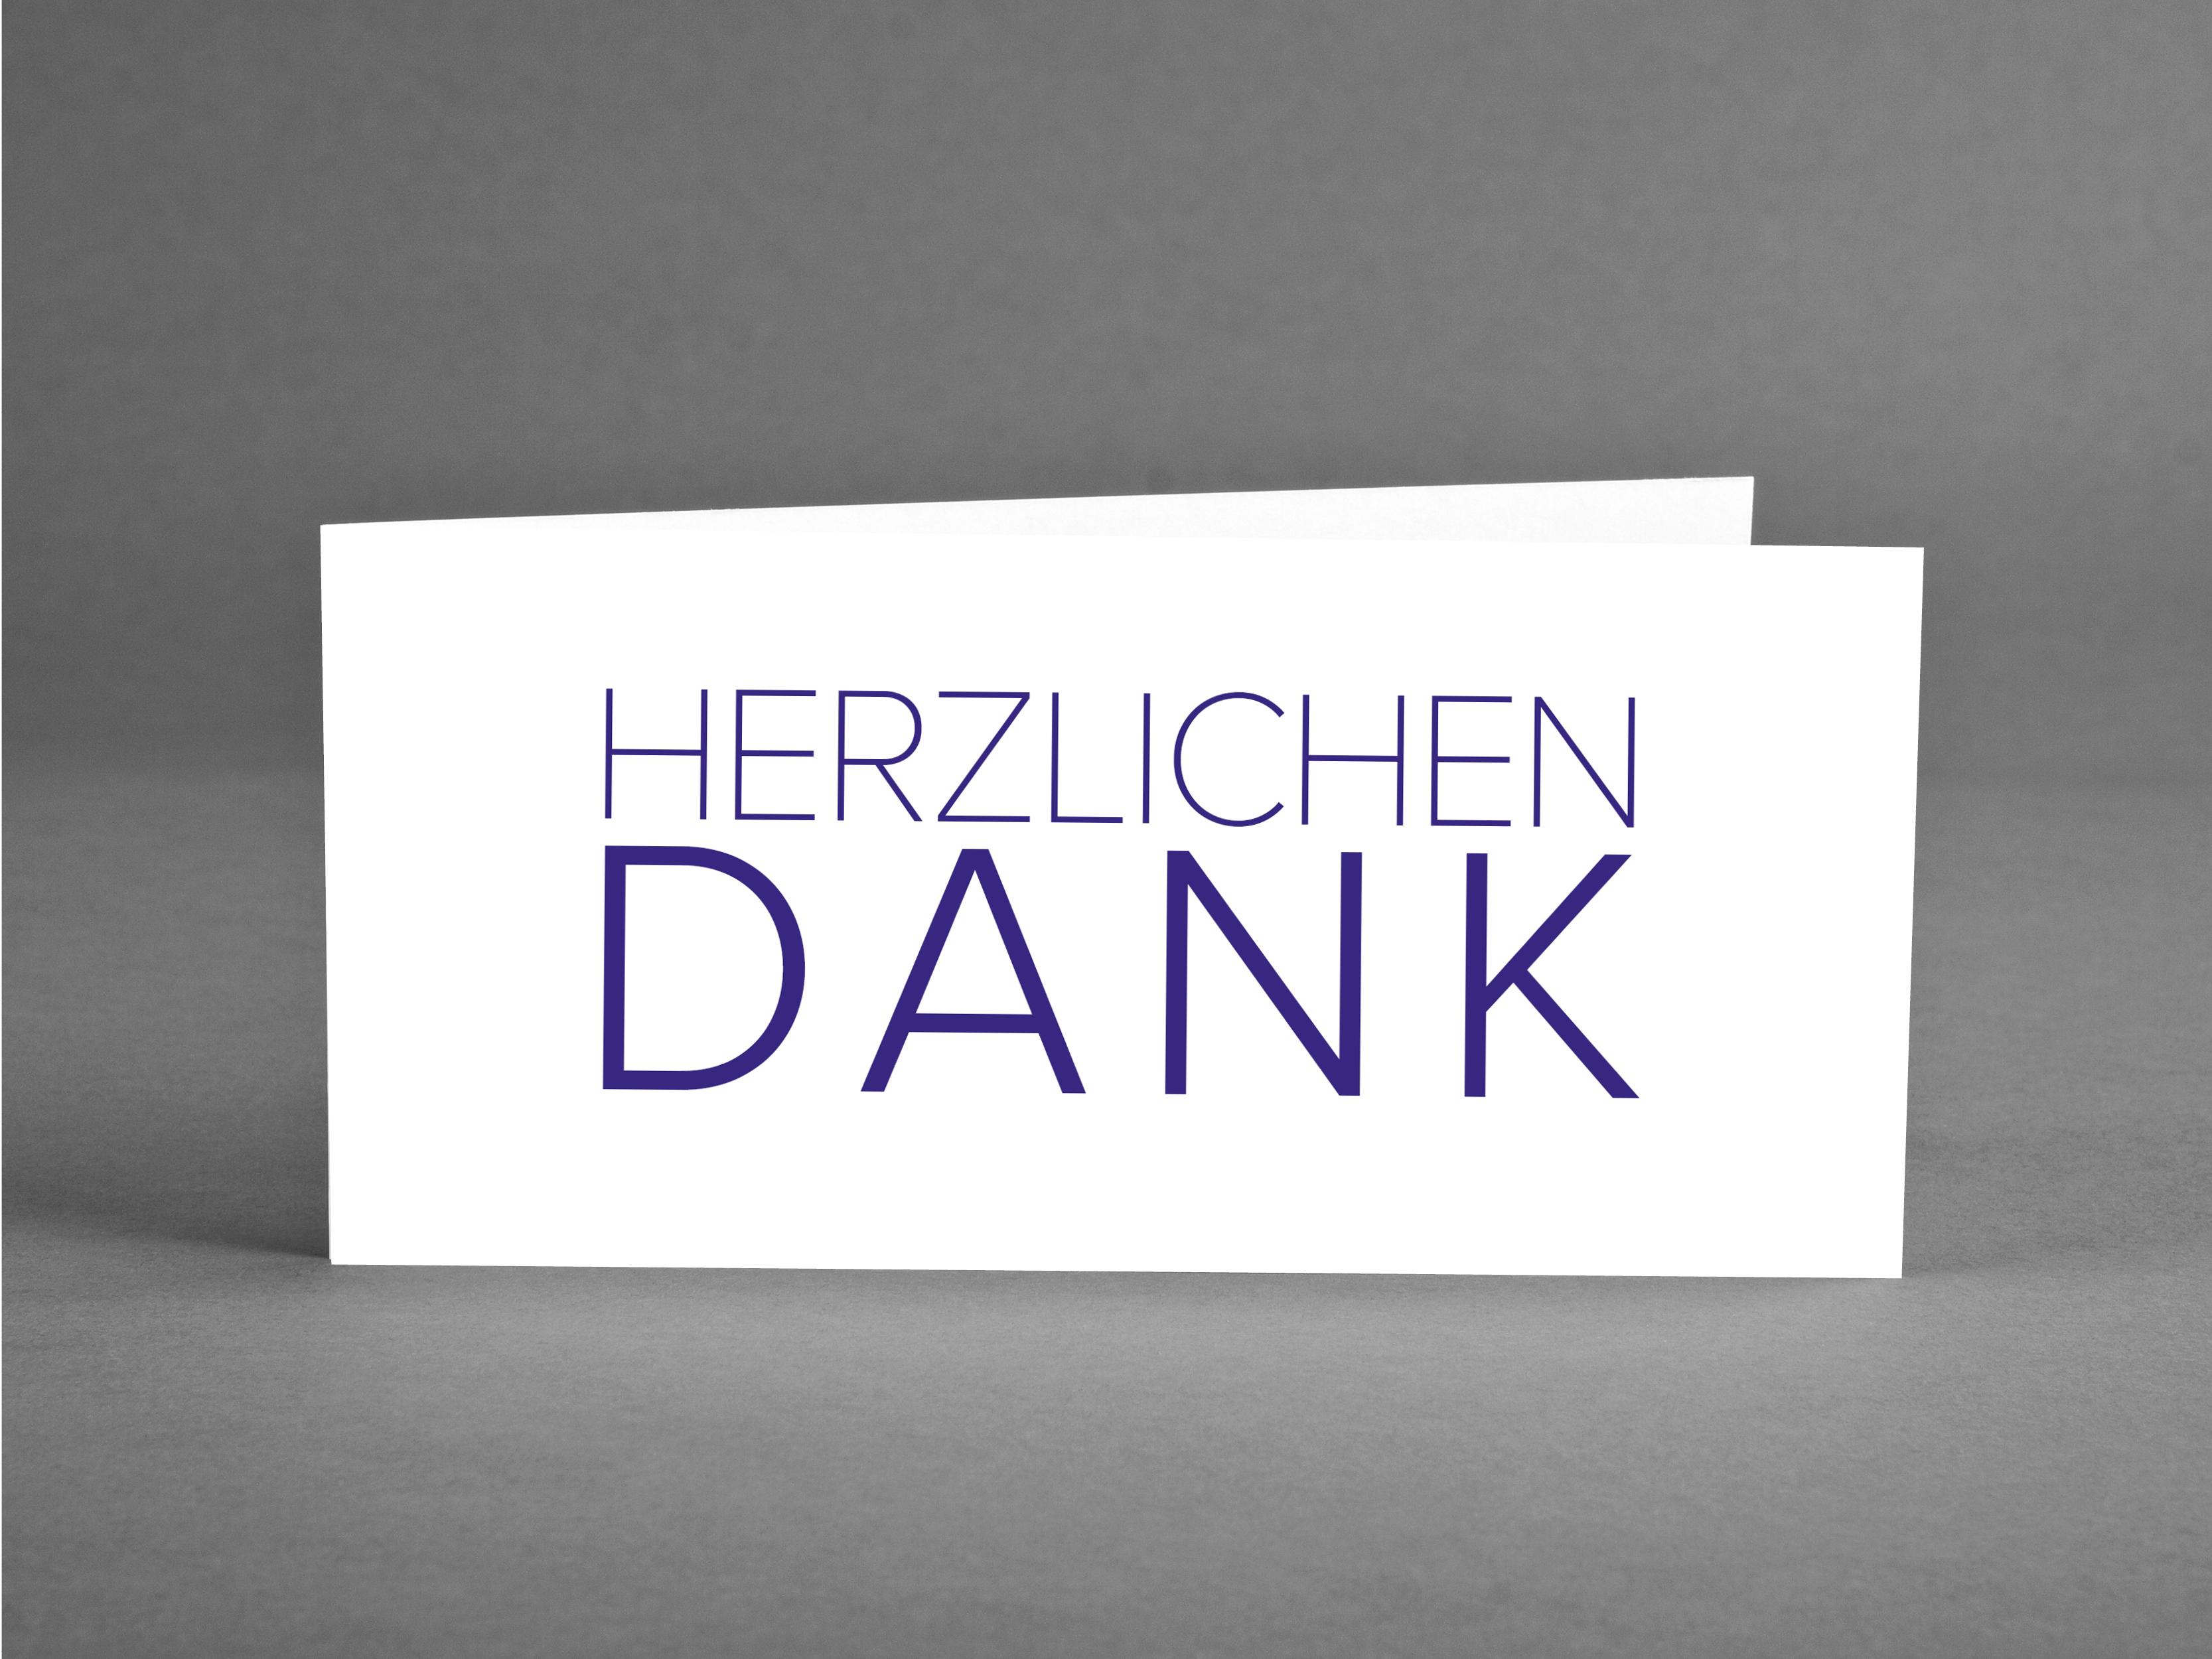 Grusskarte_Herzlichen-Dank_indivuduelle-Grisskarte_grusskarten-designLveRDMlhlBJPs